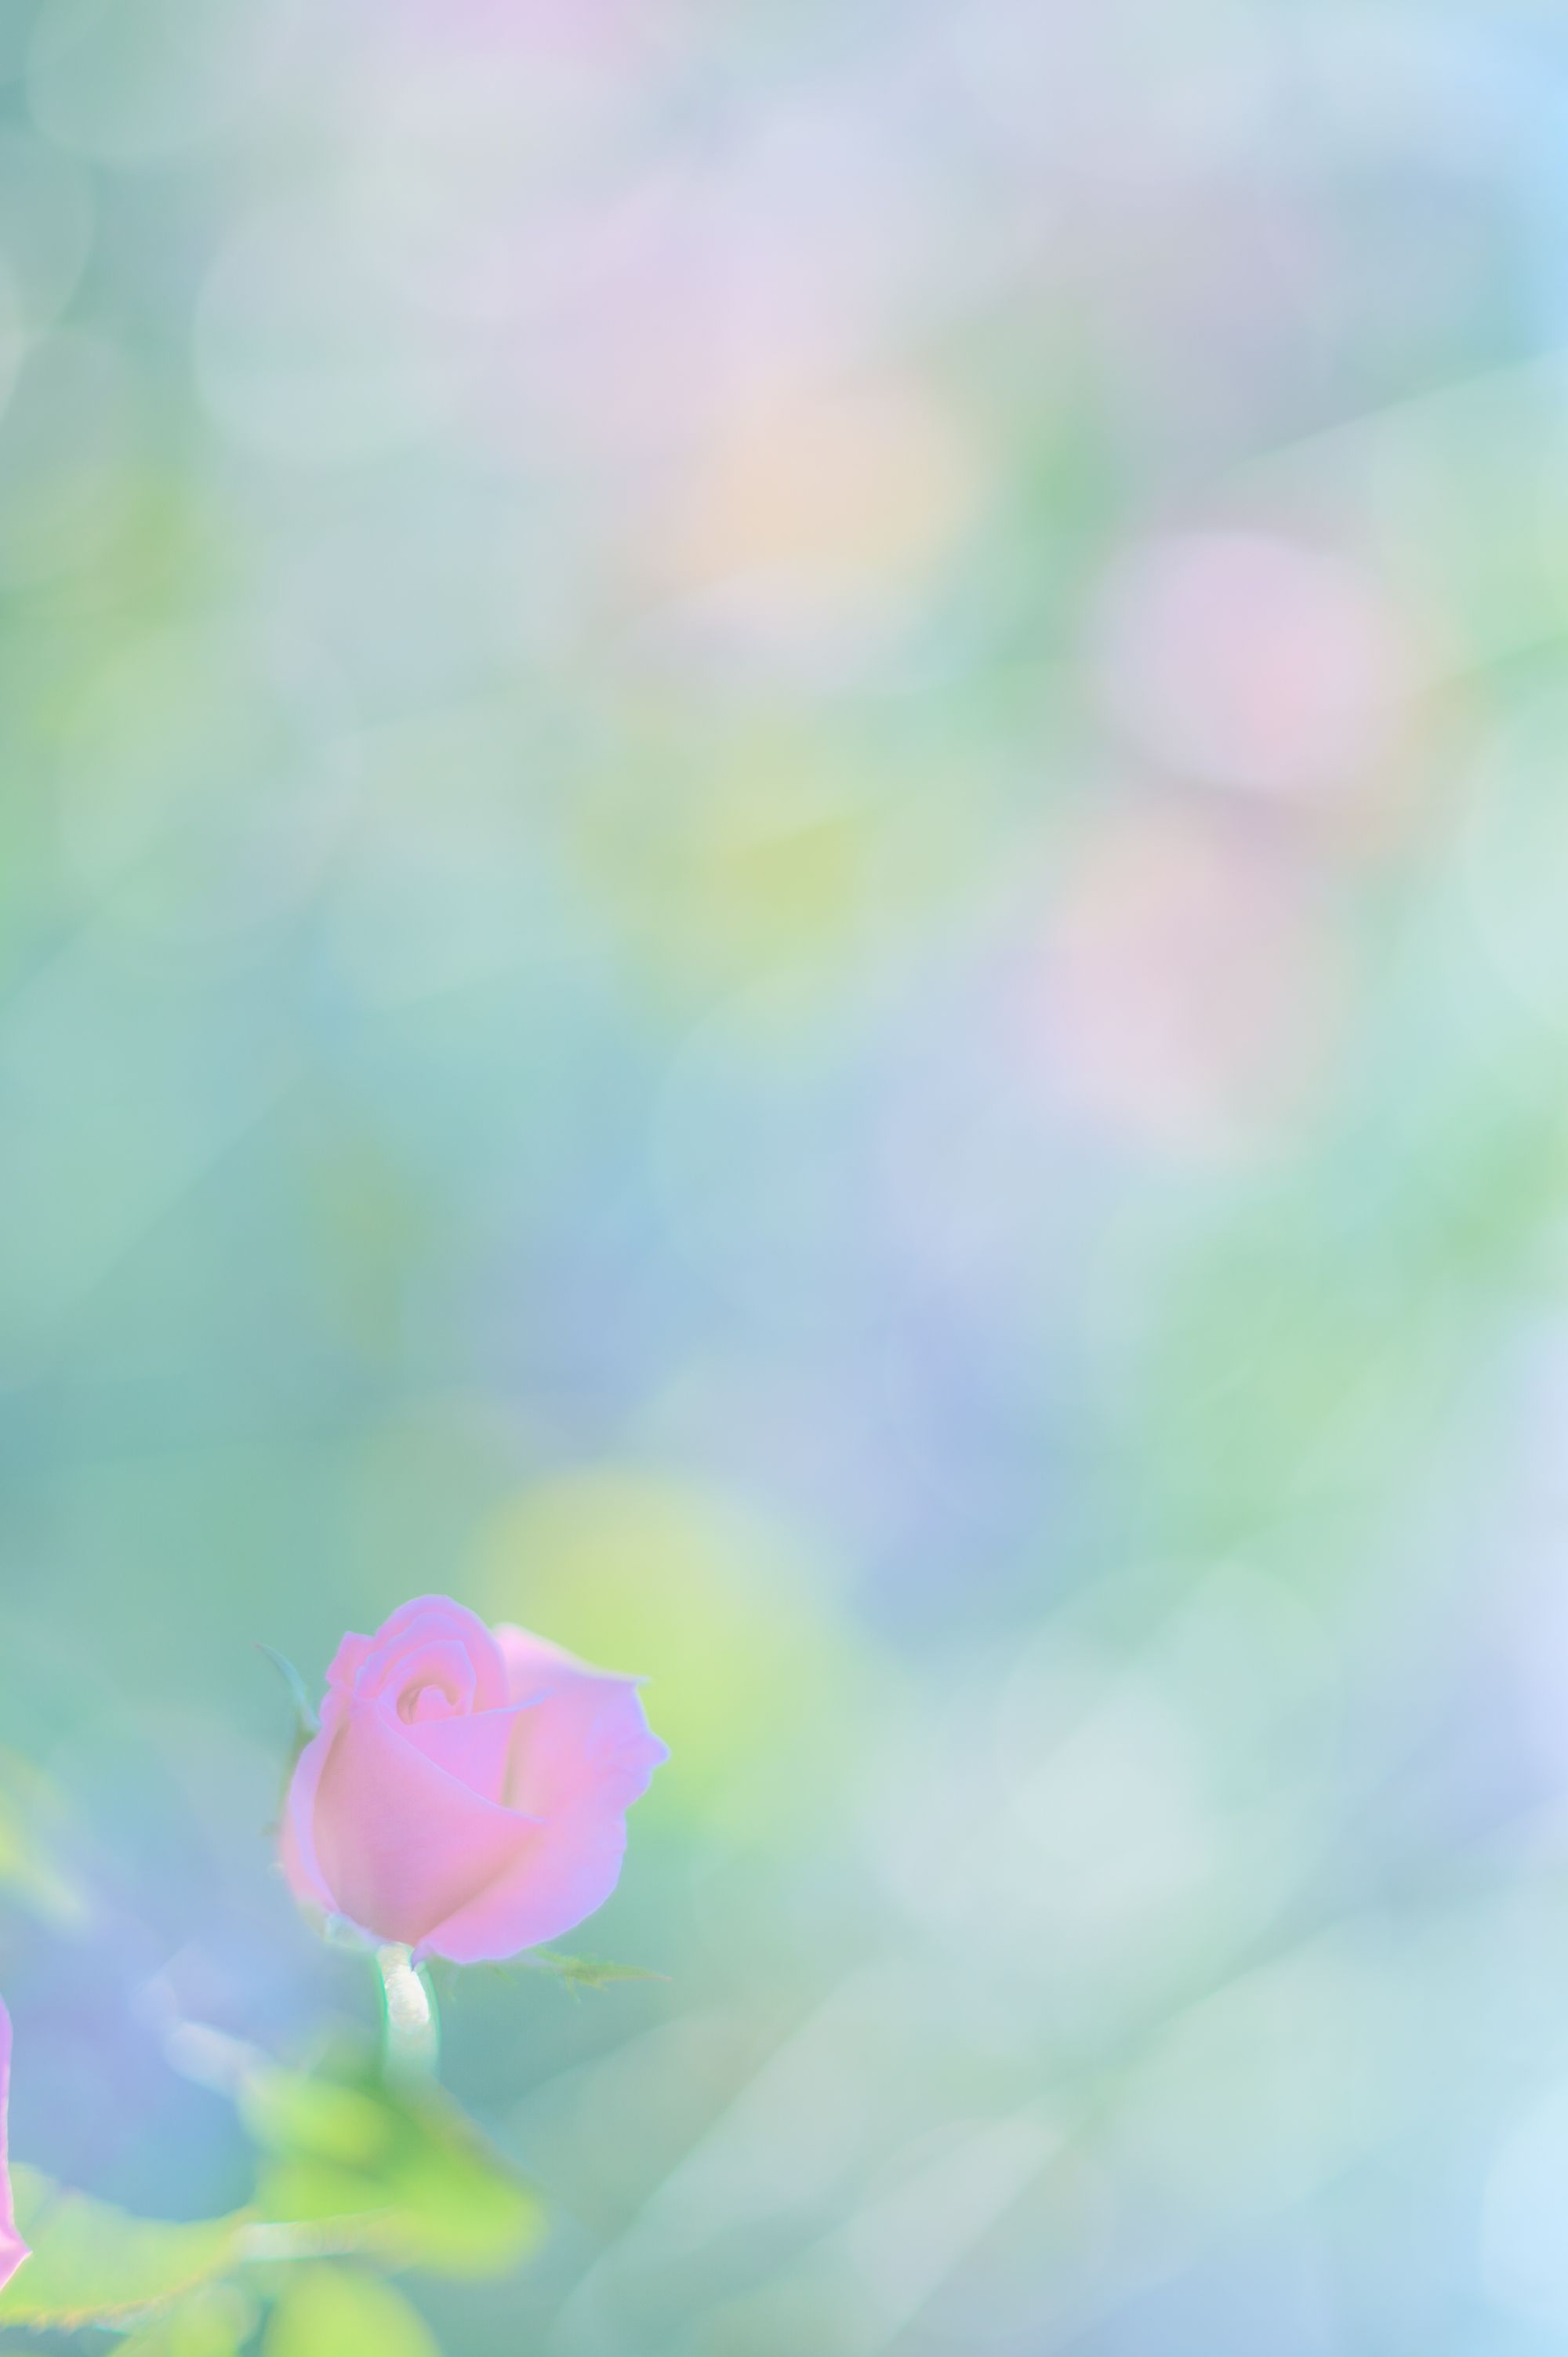 若林浩樹写真教室作品展 イメージ画像